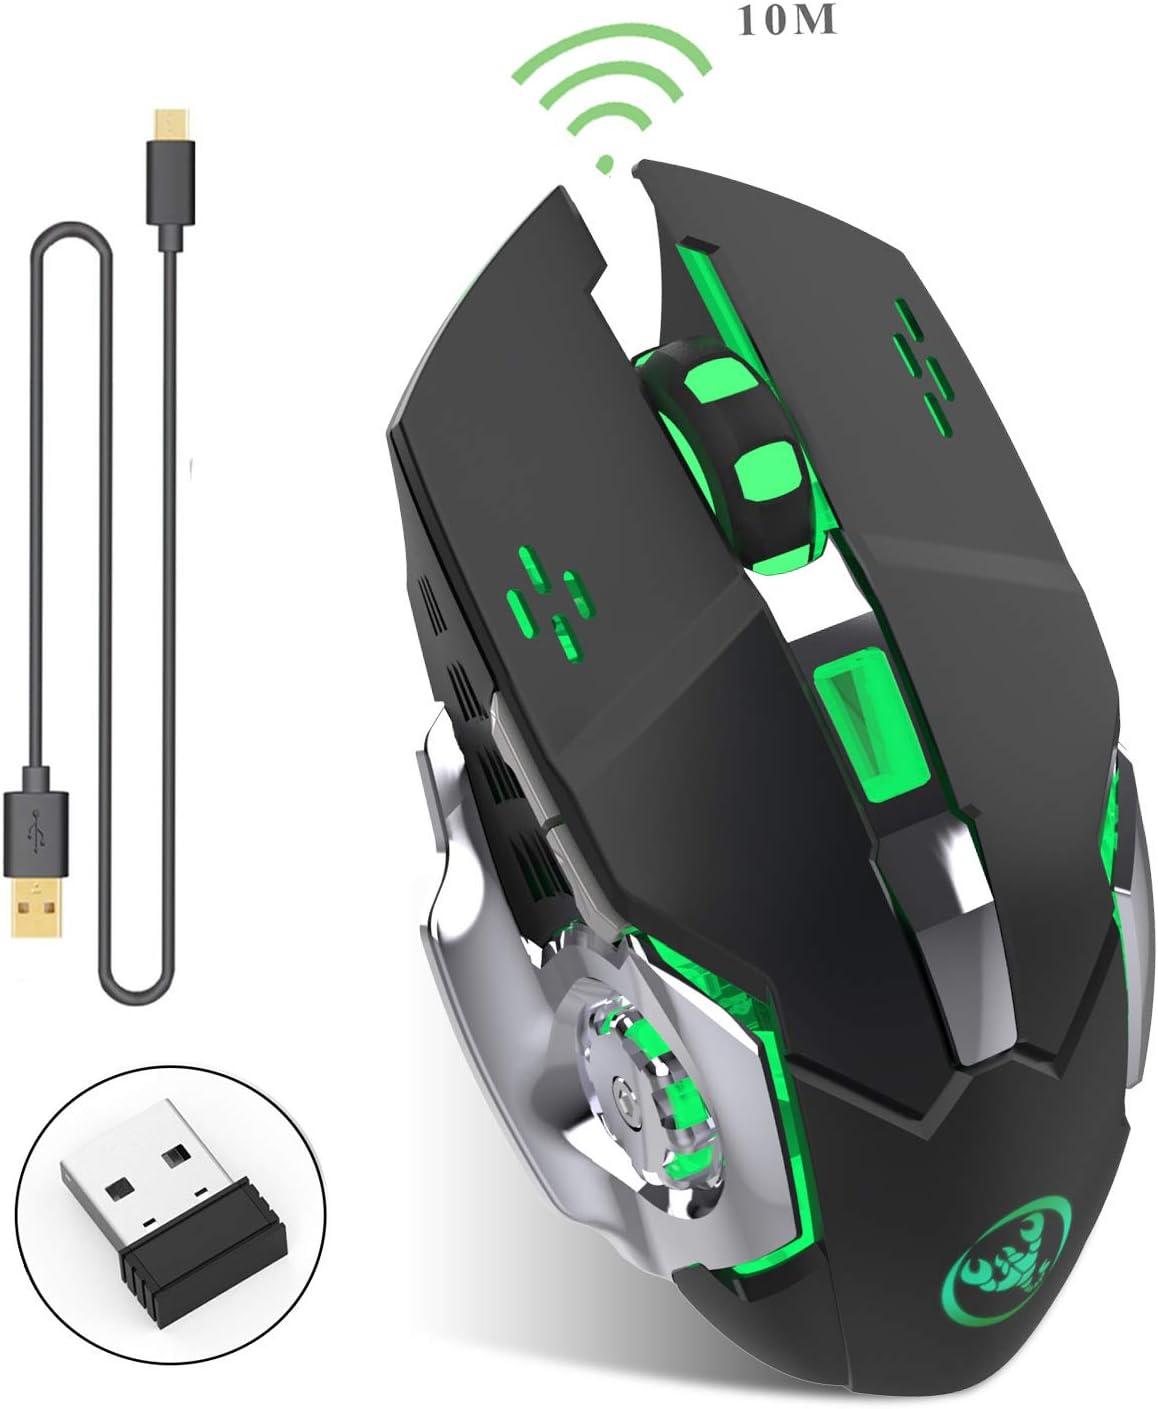 Zienstar Recargable 2.4Ghz Ratón para Gamer Inalámbrico con 7 Colores Retroiluminado (Batería de Litio de 600 Mah) (M70 Negro)